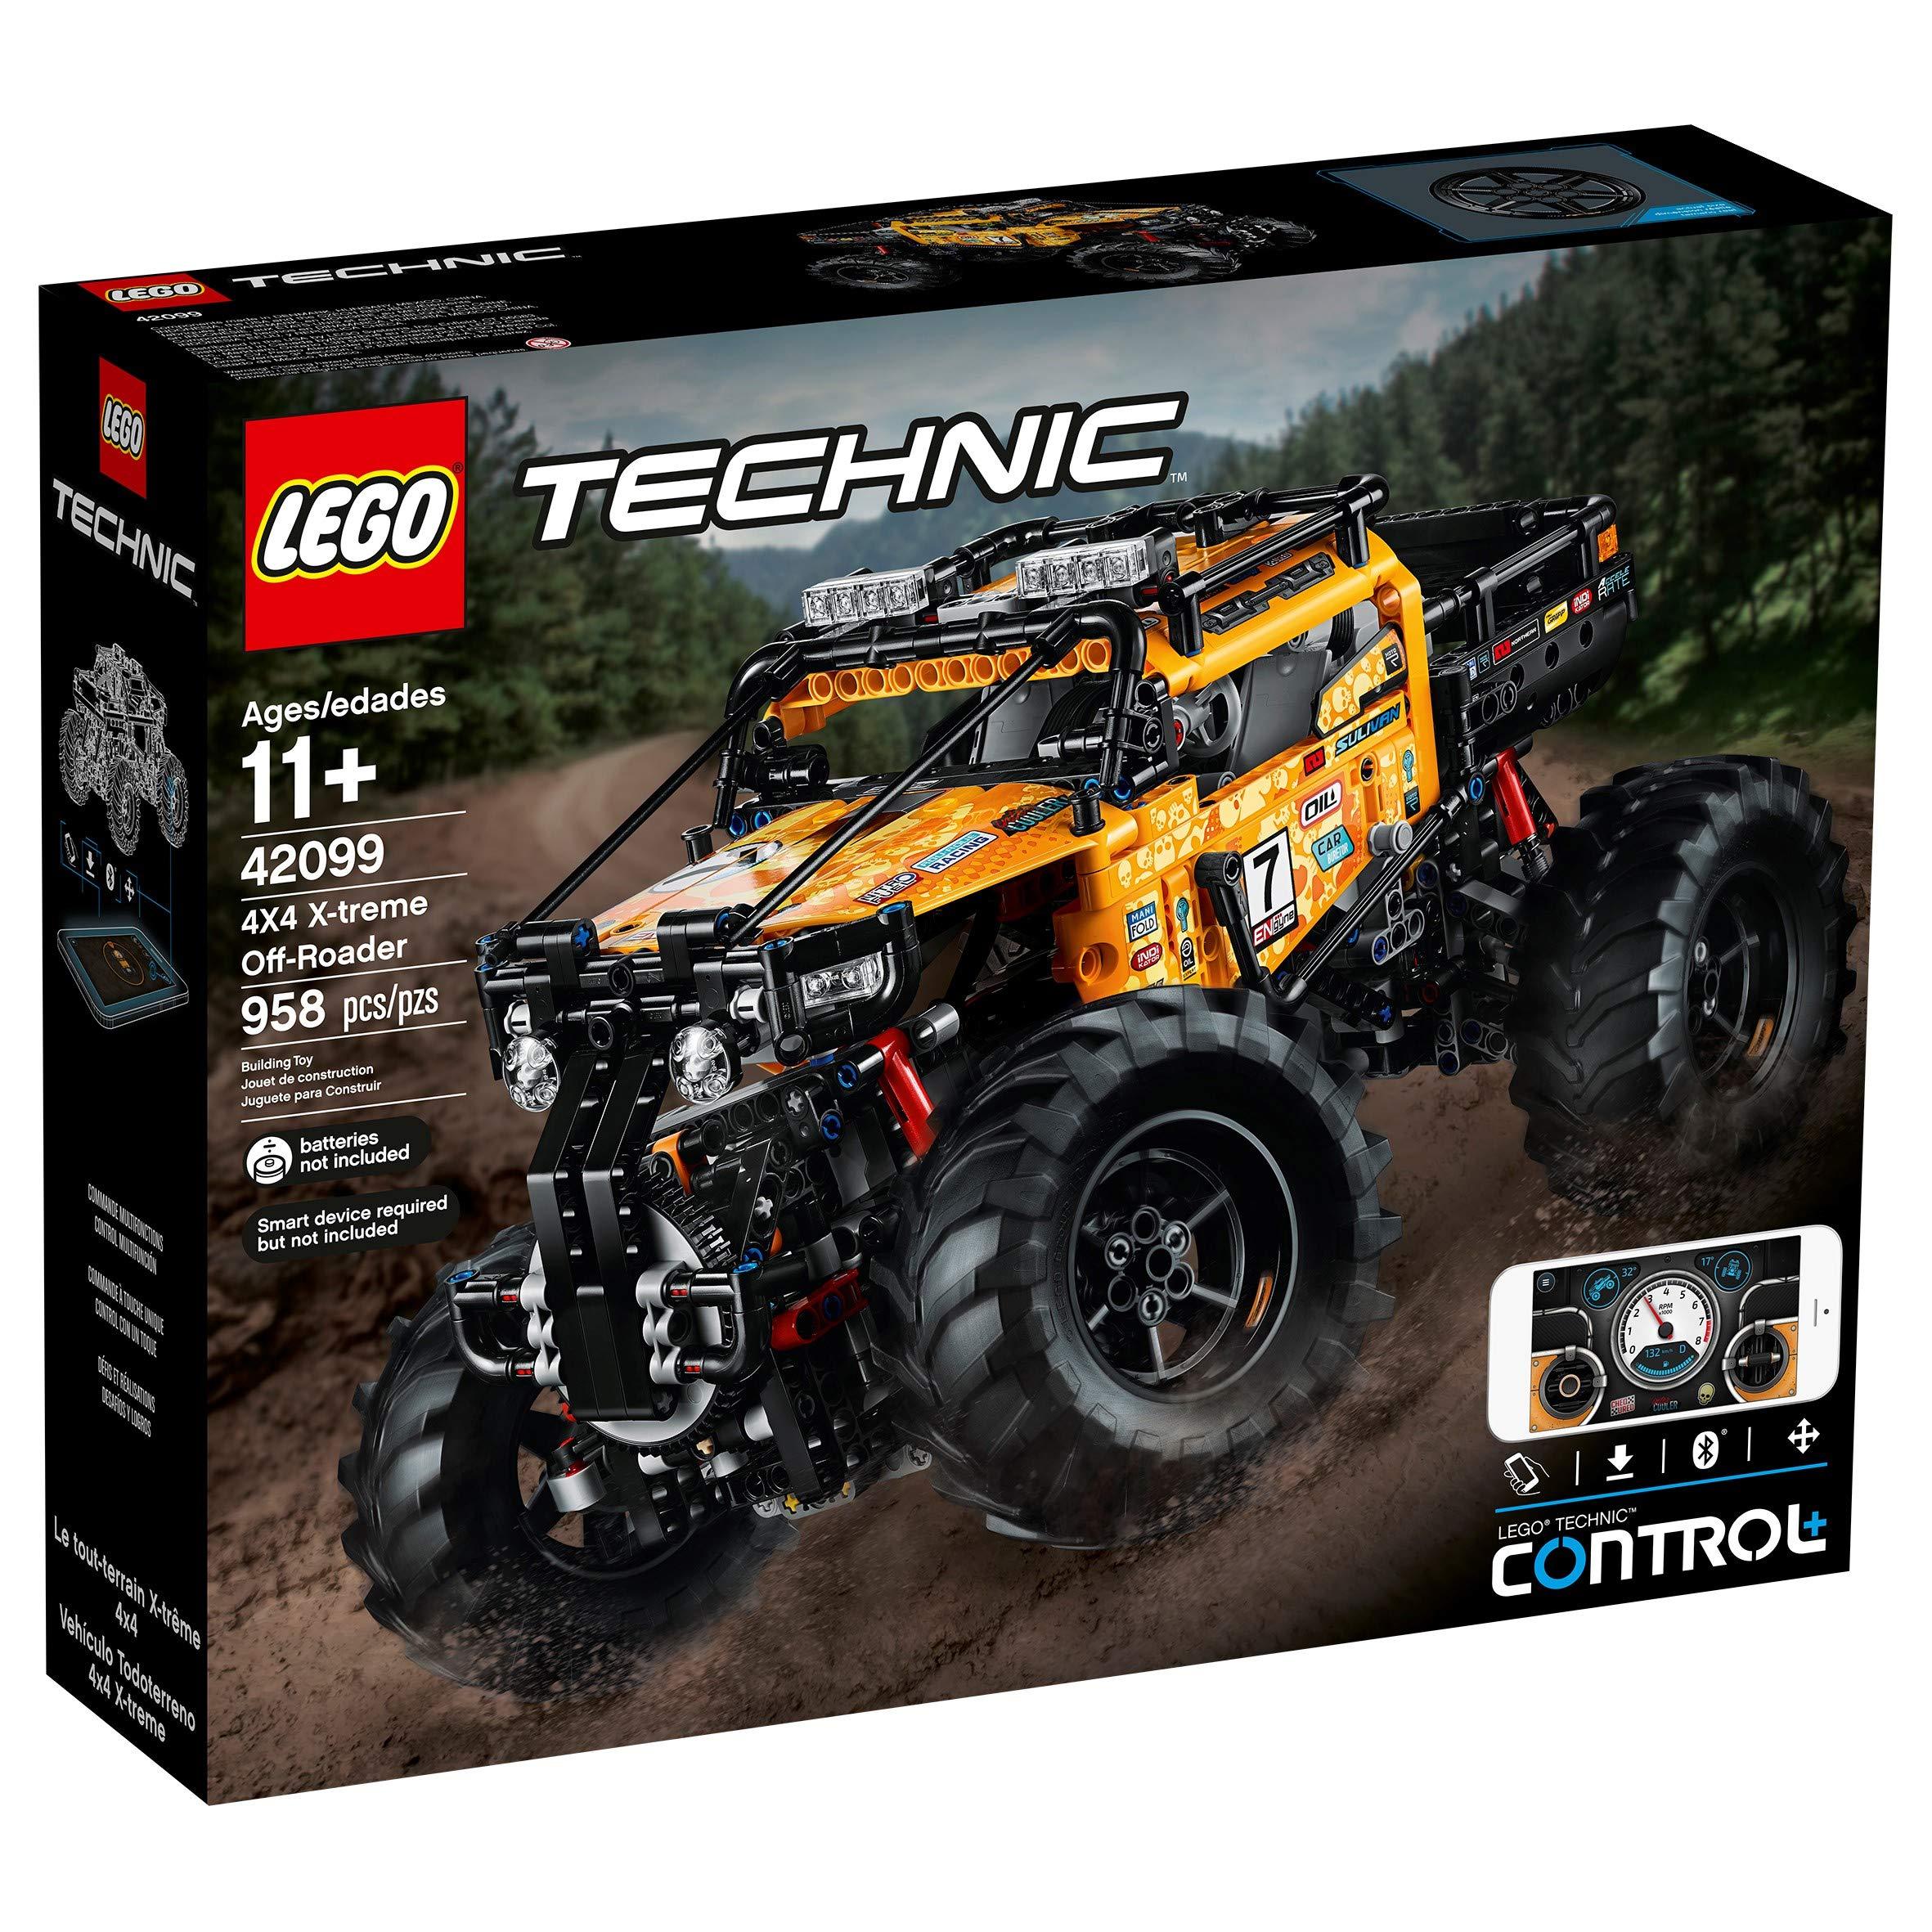 LED Beleuchtungs Für LEGO Technic 42099 4x4 X-Treme Off-Roader mit Fernbedienung